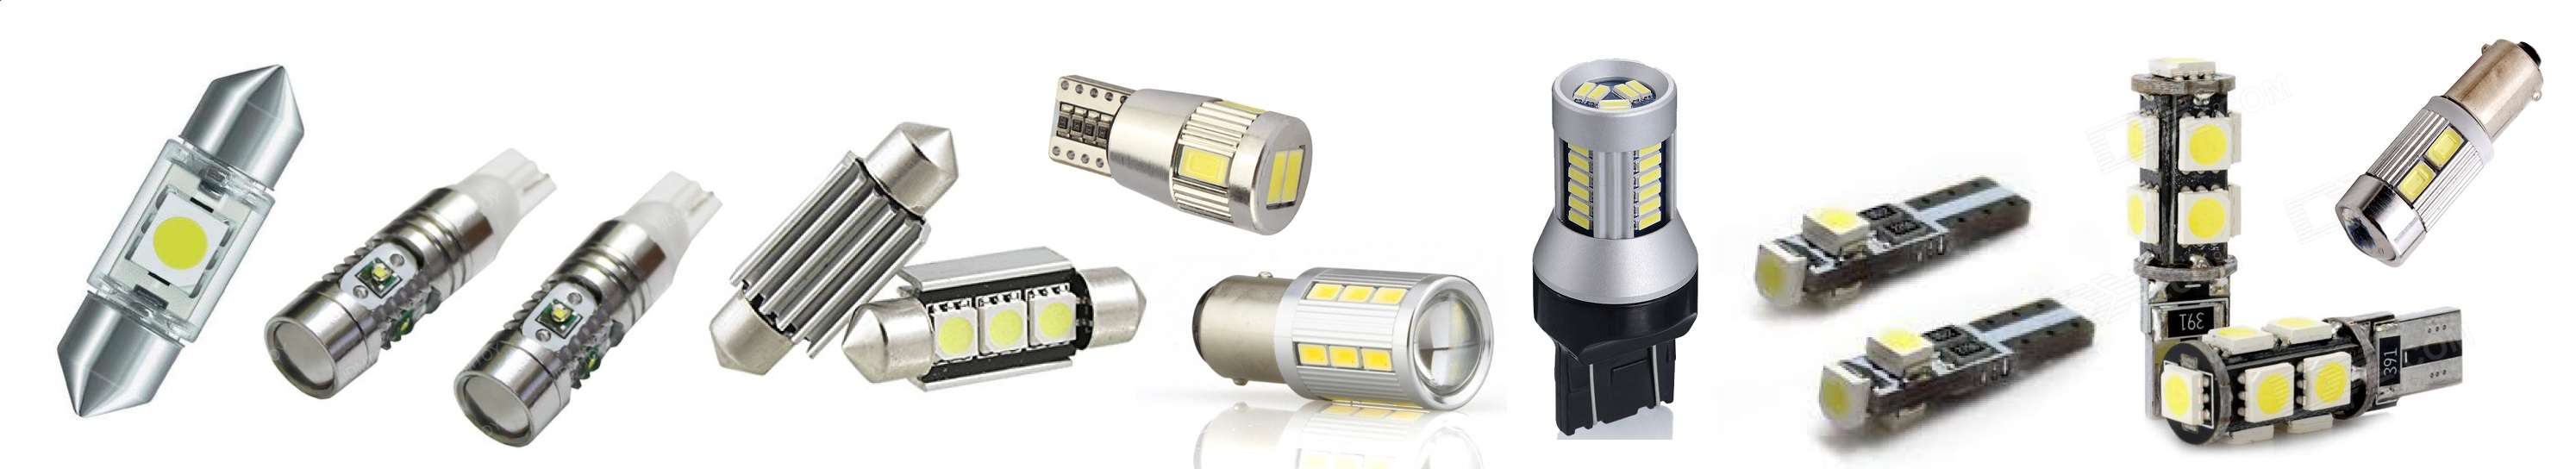 X Led Lampe D'intérieur Et tremeultinon De Signalisation dCBoxe